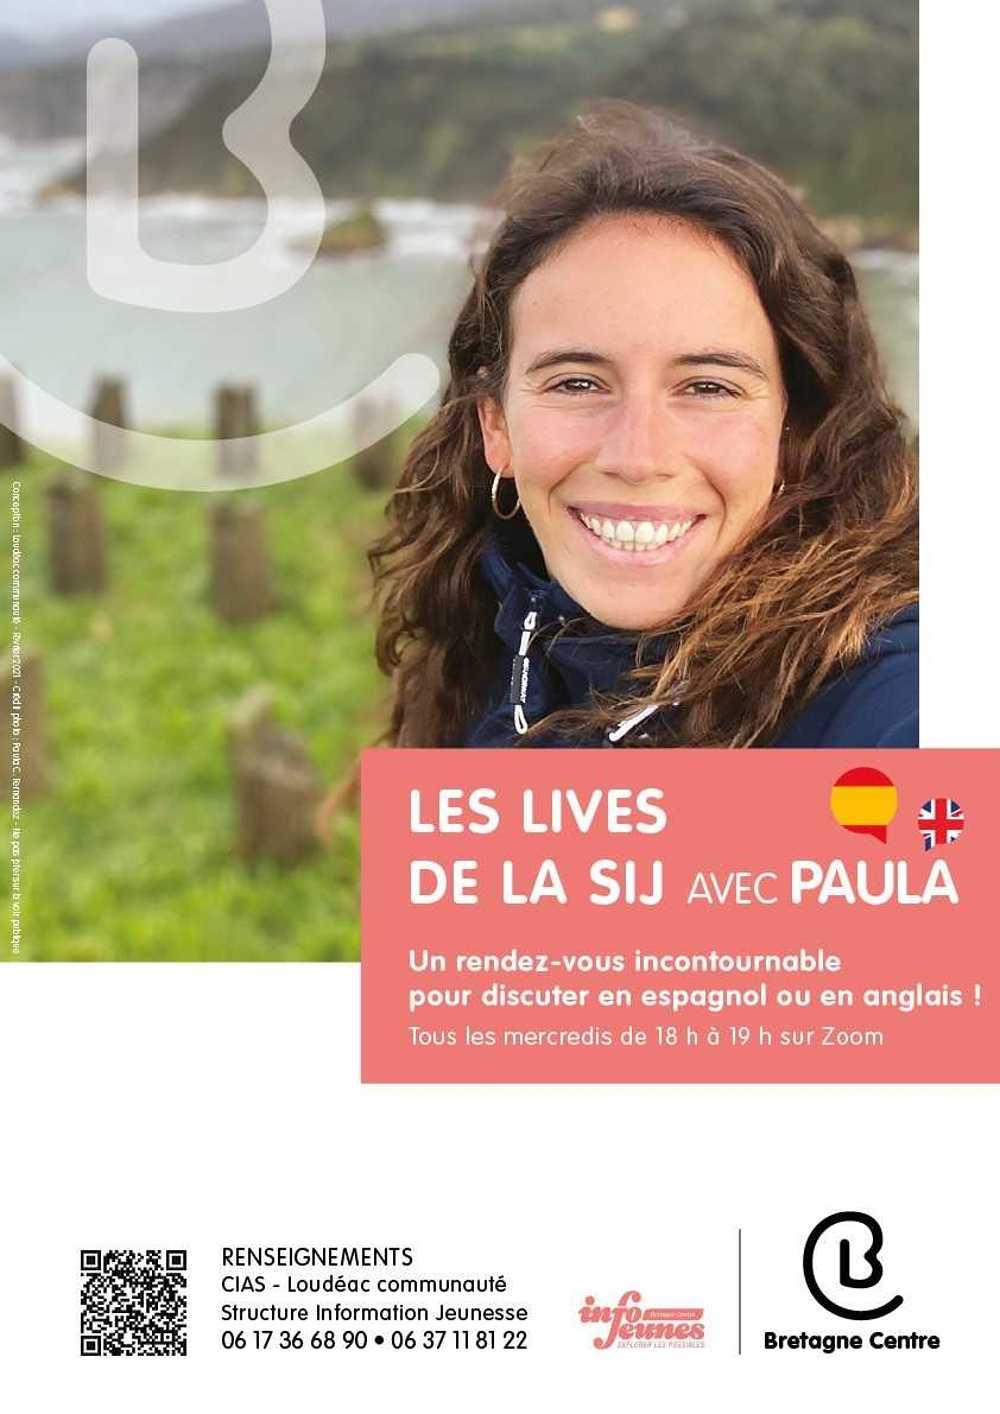 Les Lives de la SIJ avec Paula 0